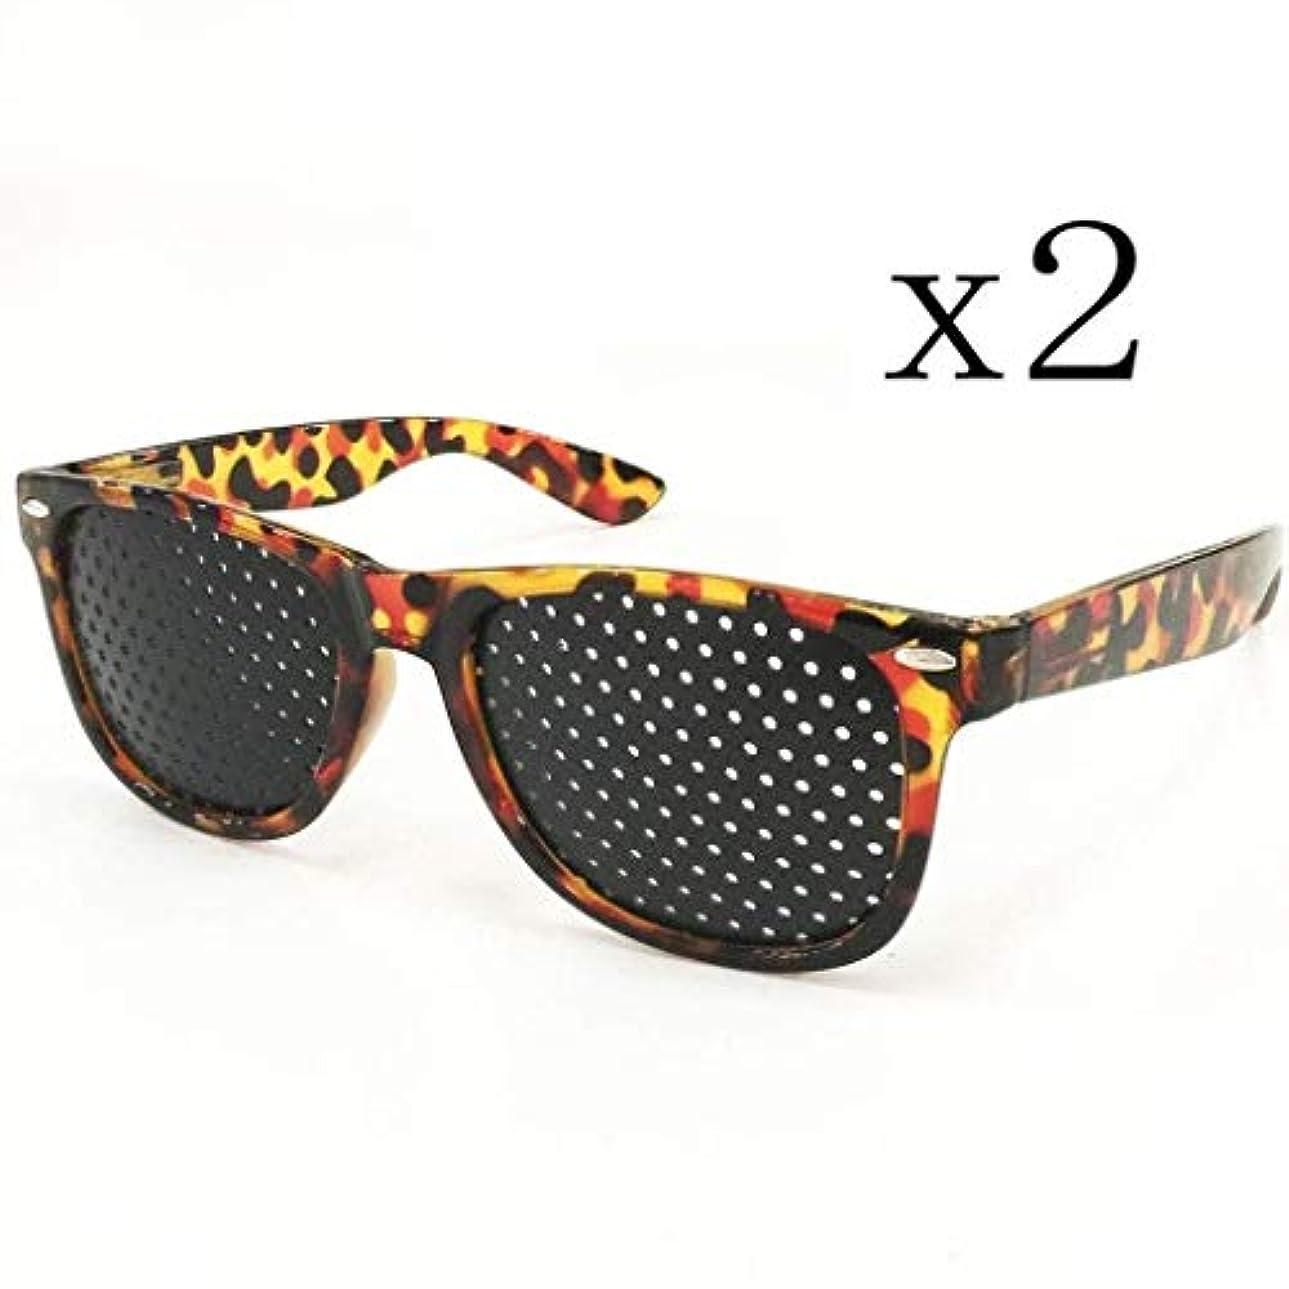 革新成功する感嘆符ピンホールメガネ、アイズエクササイズアイサイトビジョンメガネの改善ビジョンケアメガネ近視の防止メガネの改善